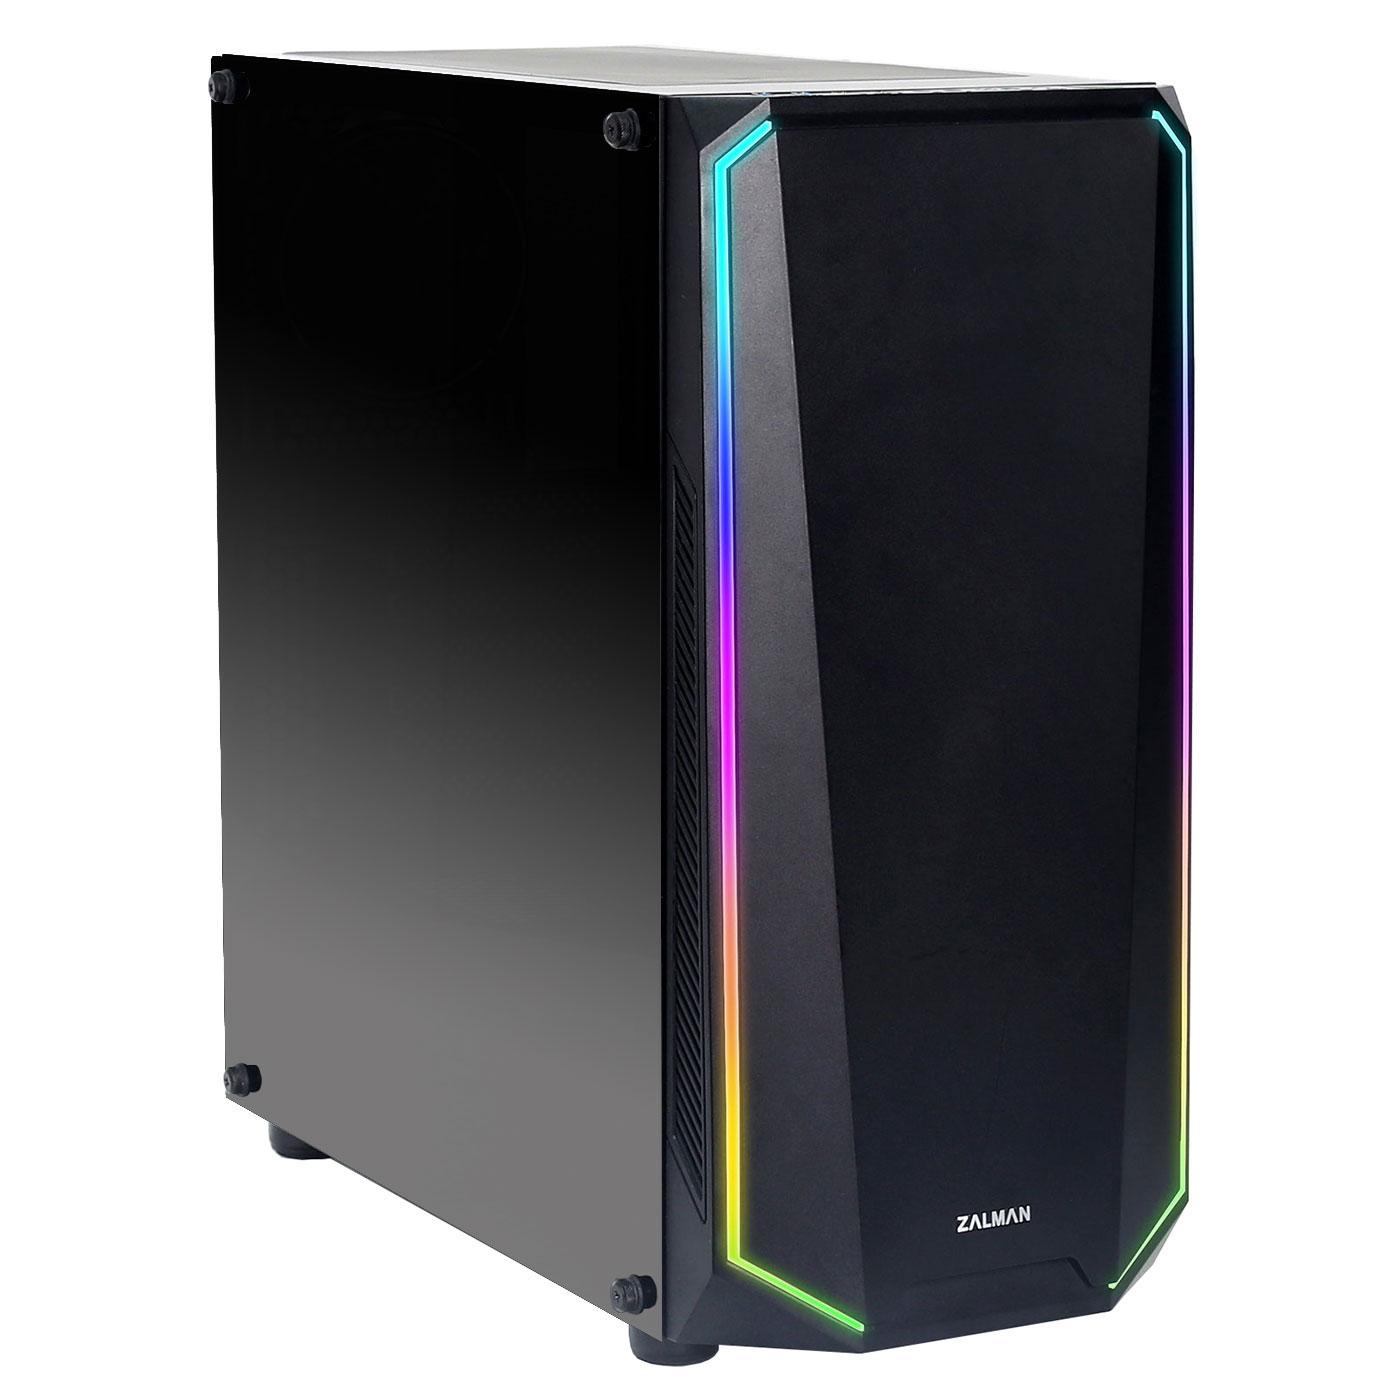 PC de bureau LDLC PC10 Alpha AMD Ryzen 5 2600 (3.4 GHz) 8 Go SSD 240 Go + HDD 1 To AMD Radeon RX 580 8Go Windows 10 Famille 64 bits (monté)